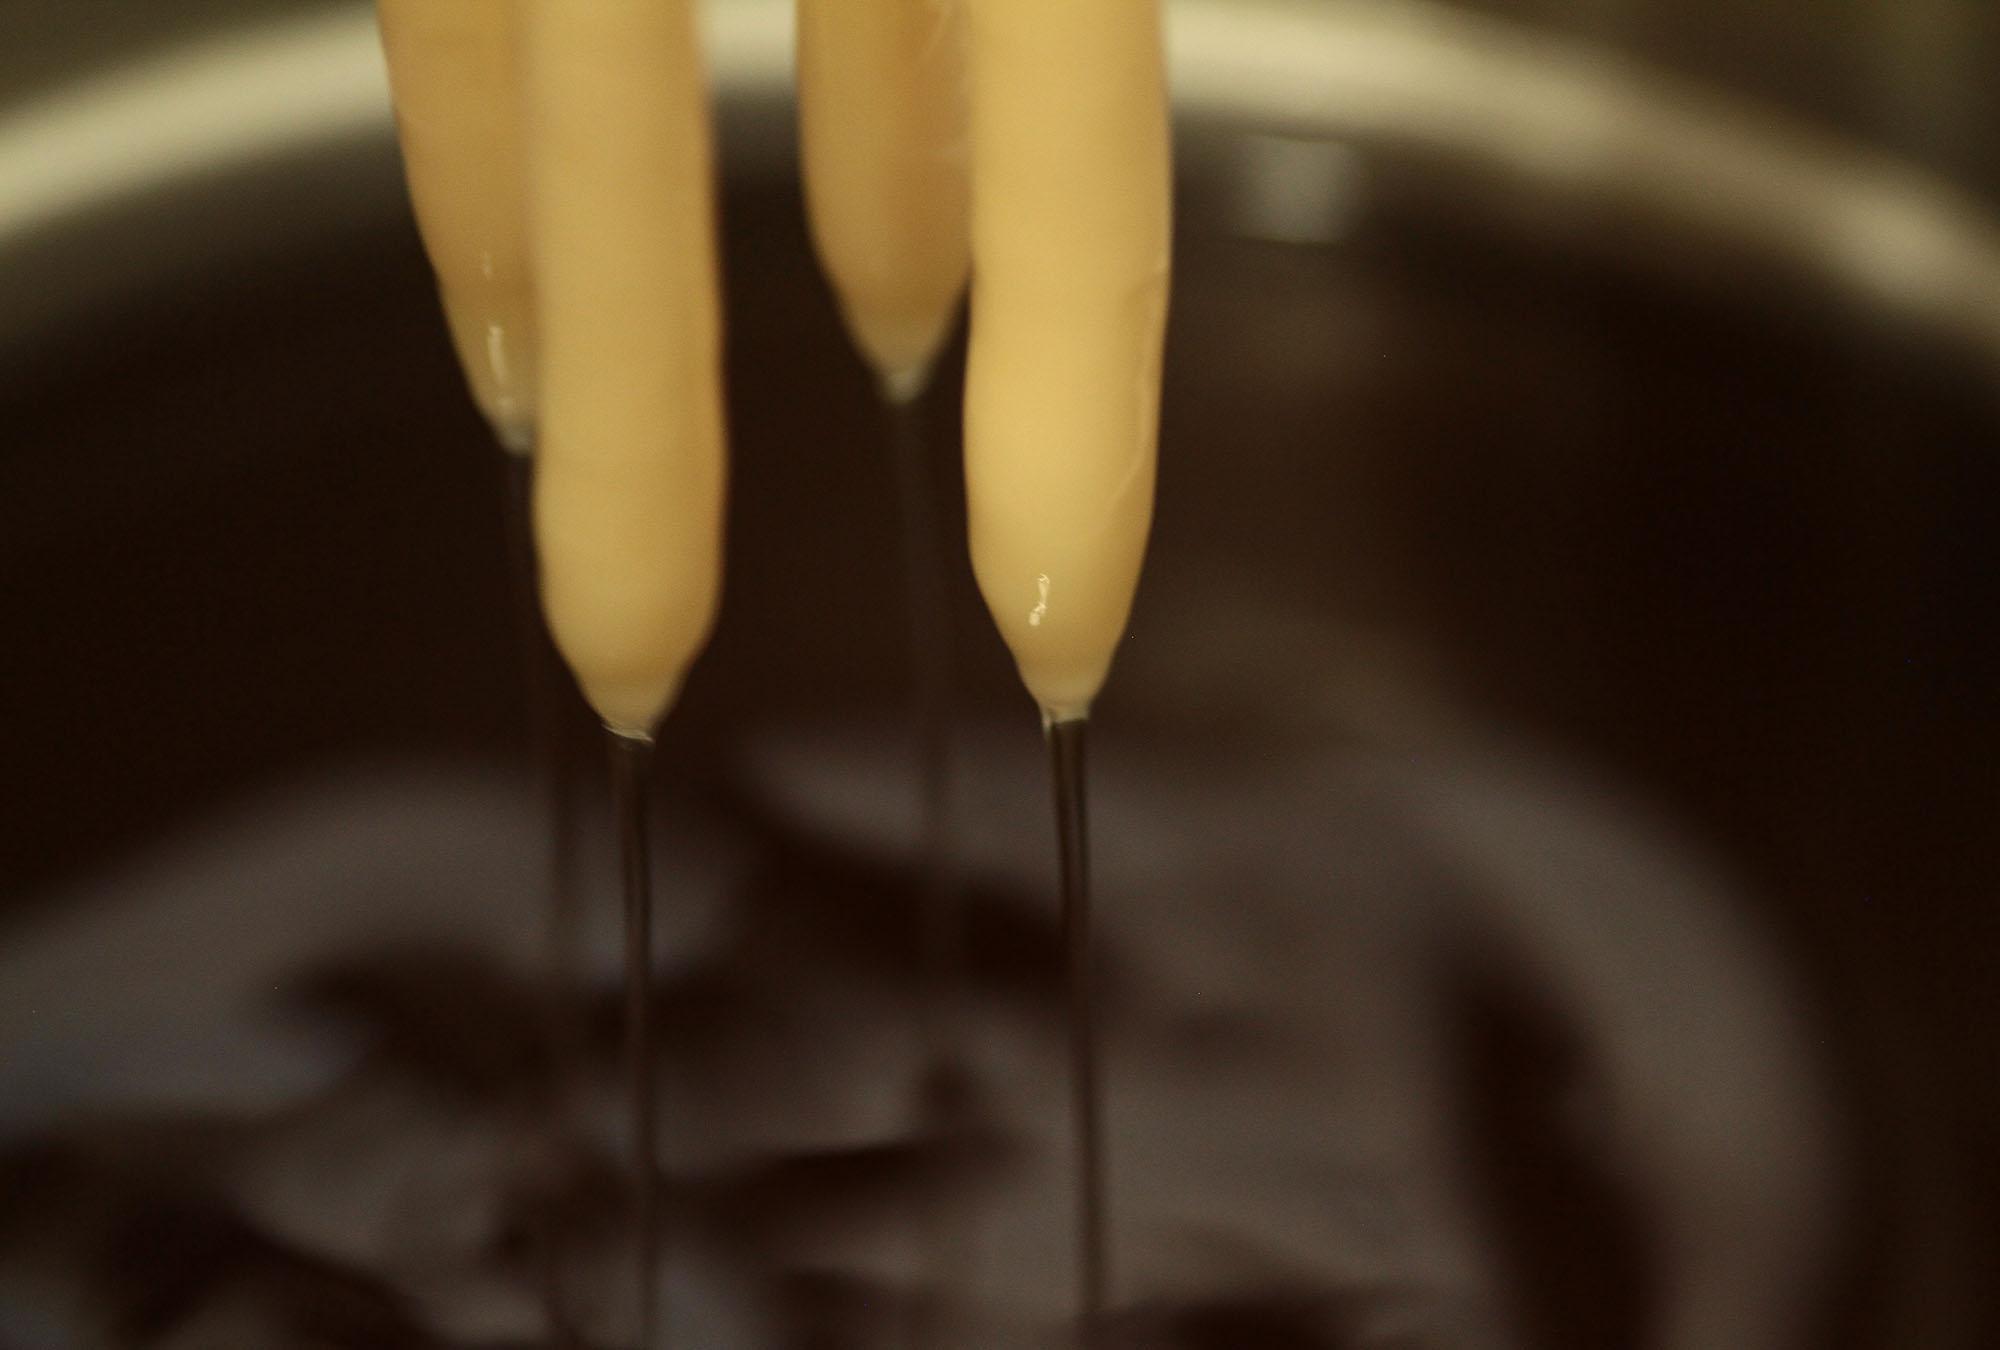 Manchmal dauert die Produktion bis zu 8 Stunden, je nach Kerzenlänge.